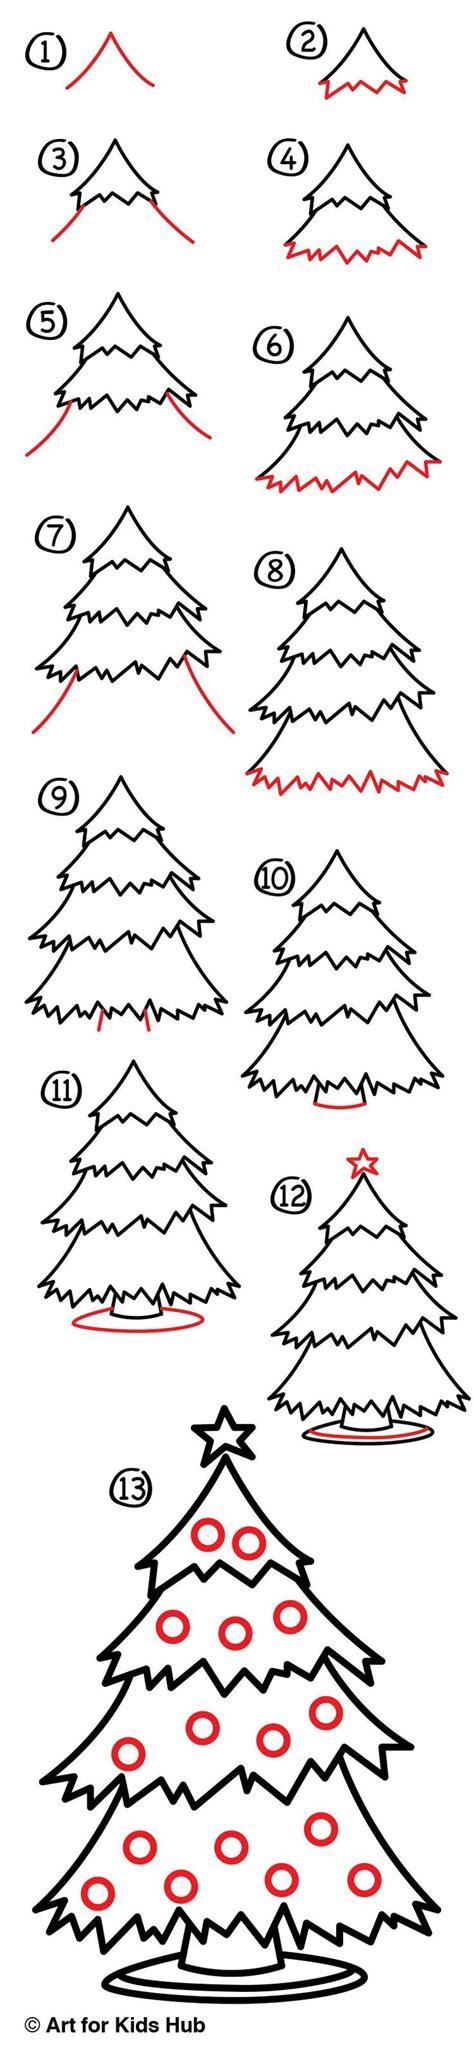 zeichnen ideen anfänger 25 trendige zeichnen lernen f 252 r anf 228 nger ideen auf zeichnen anf 228 nger zeichnen f 252 r